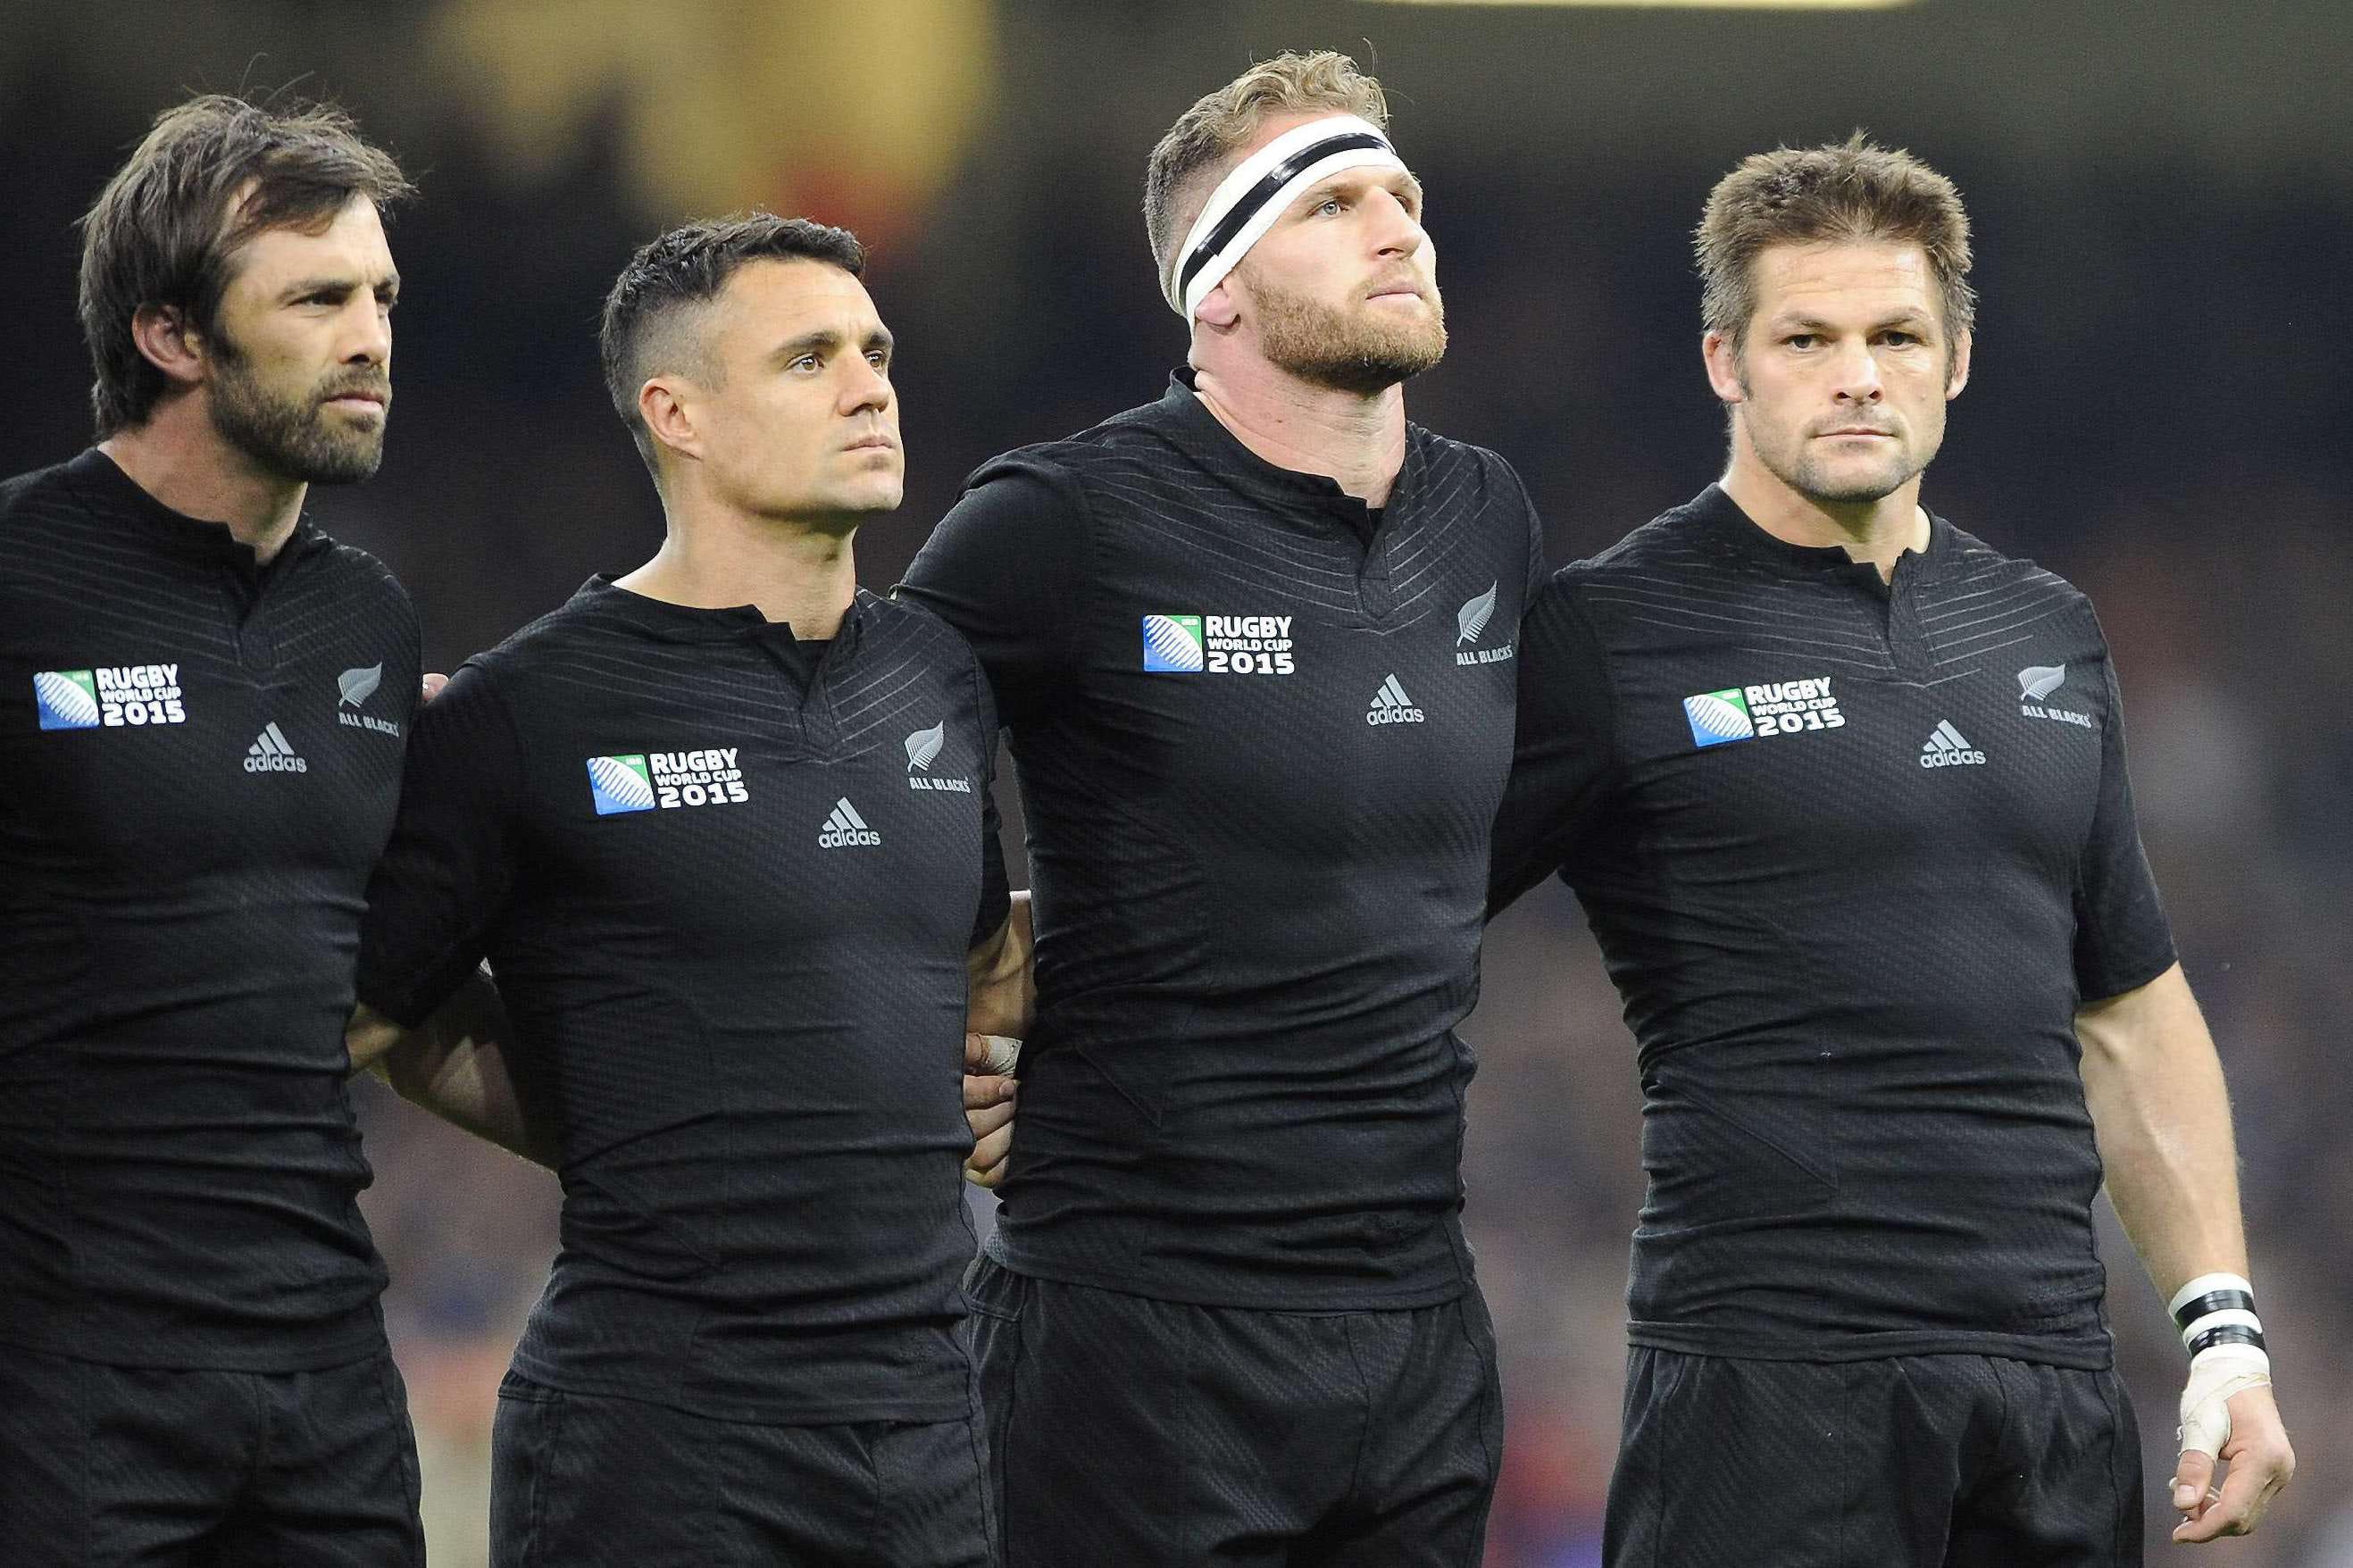 Coupe du monde de rugby 2015 classement r sultats et calendrier du mondial linternaute - Dates coupe du monde de rugby 2015 ...